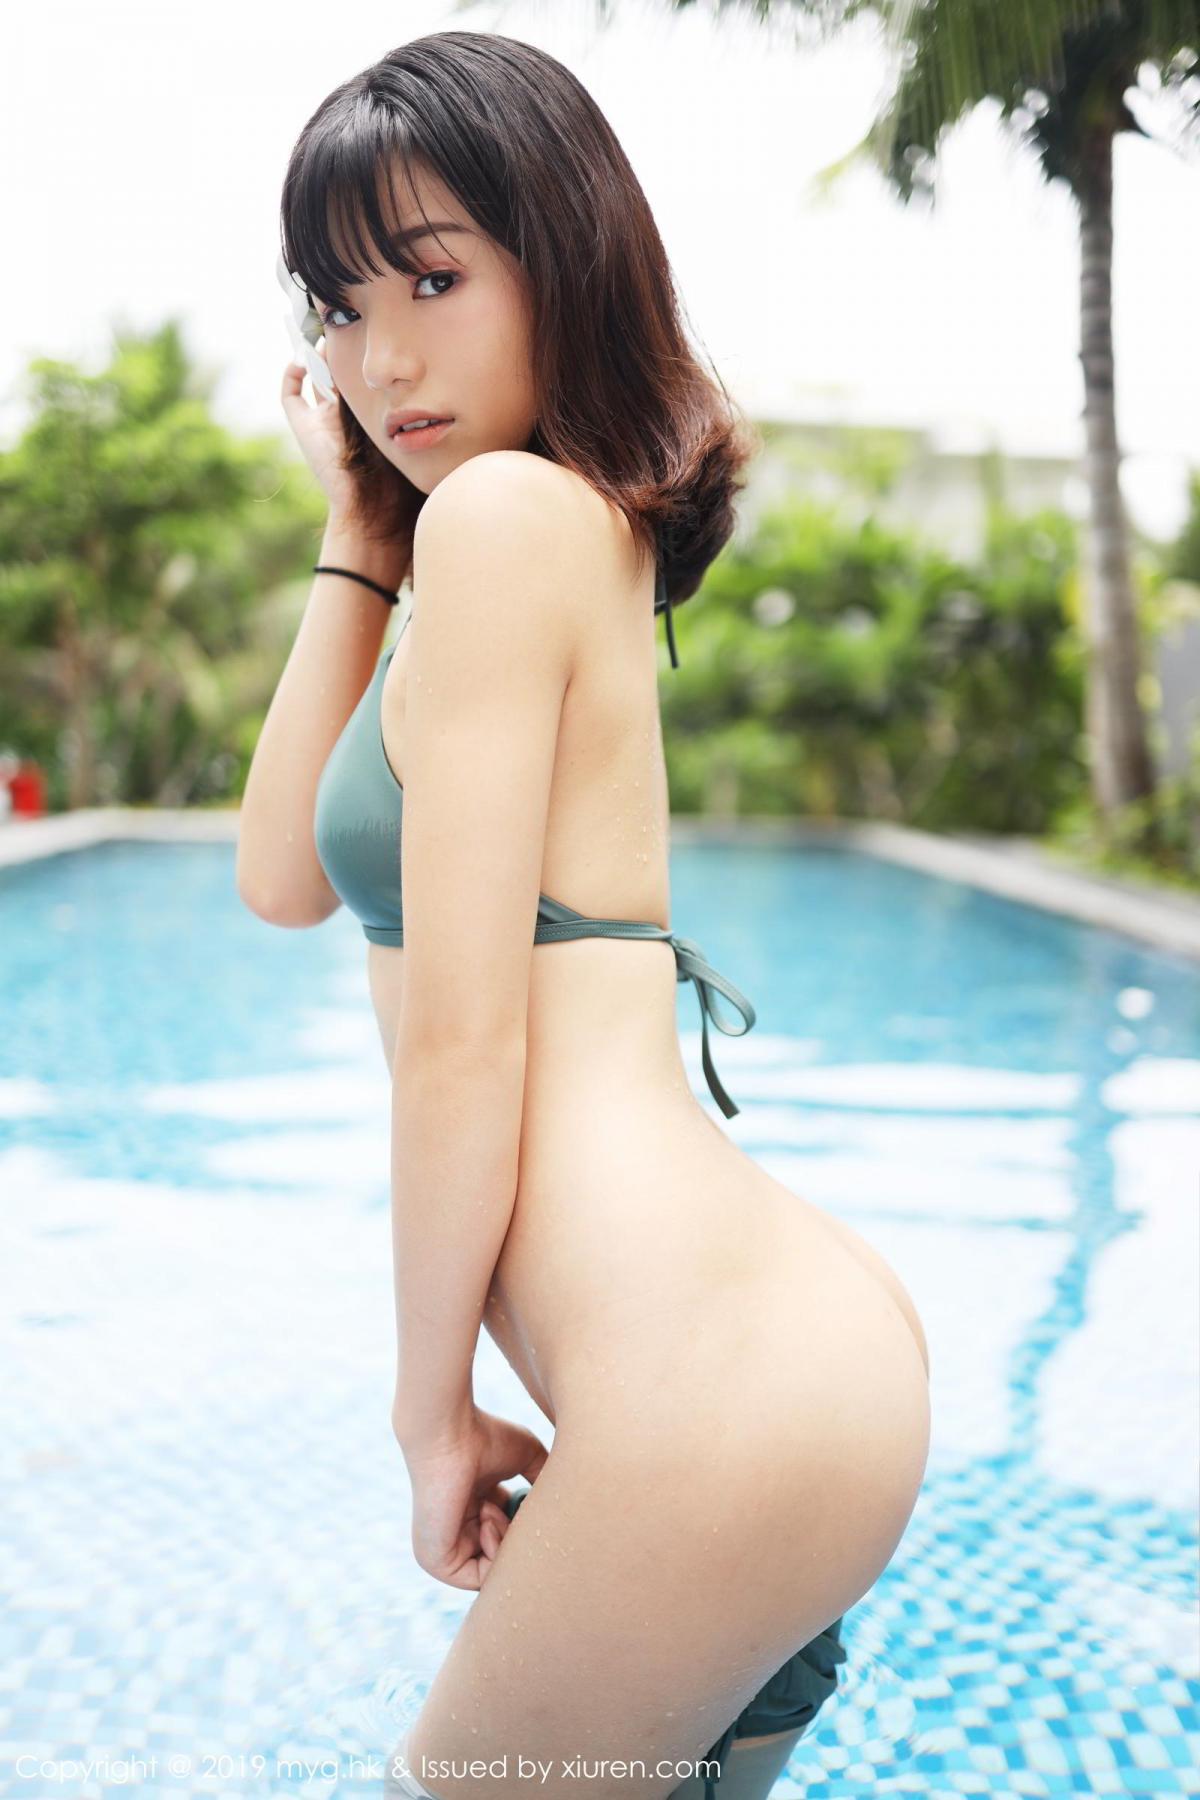 [MyGirl] Vol.362 Cang Jing You Xiang 28P, Bikini, Cang Jing You Xiang, mygirl, Swim Pool